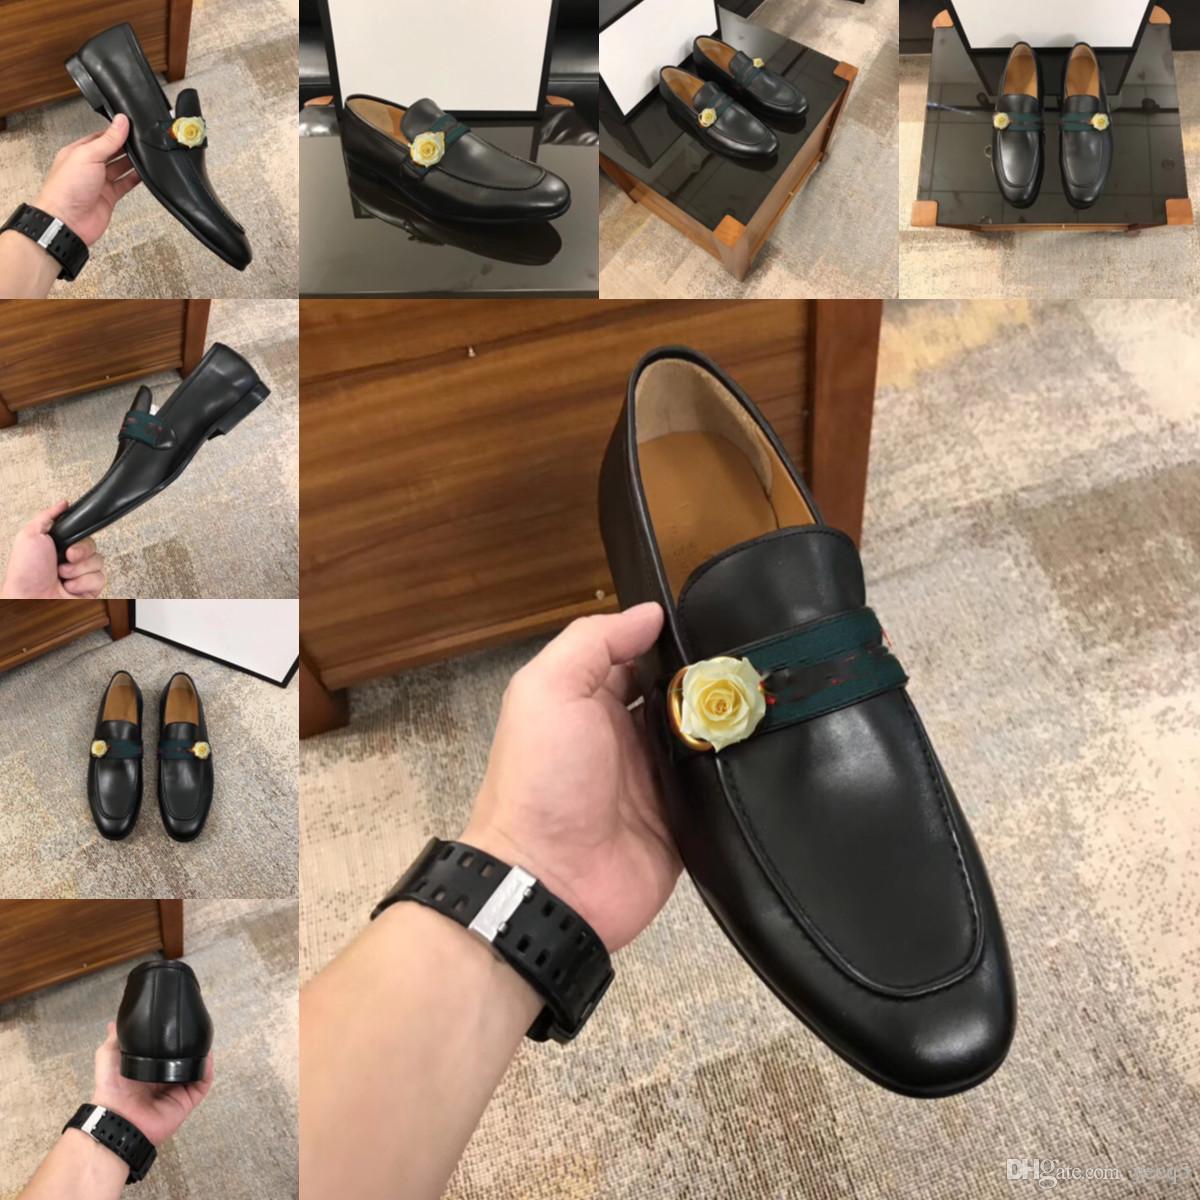 55 дизайнеров мужские формальные туфли натуральная кожа Oxford обувь для роскошных мужчин черный 2020 платье обувь свадебные туфли кружевы кожаные броги 11